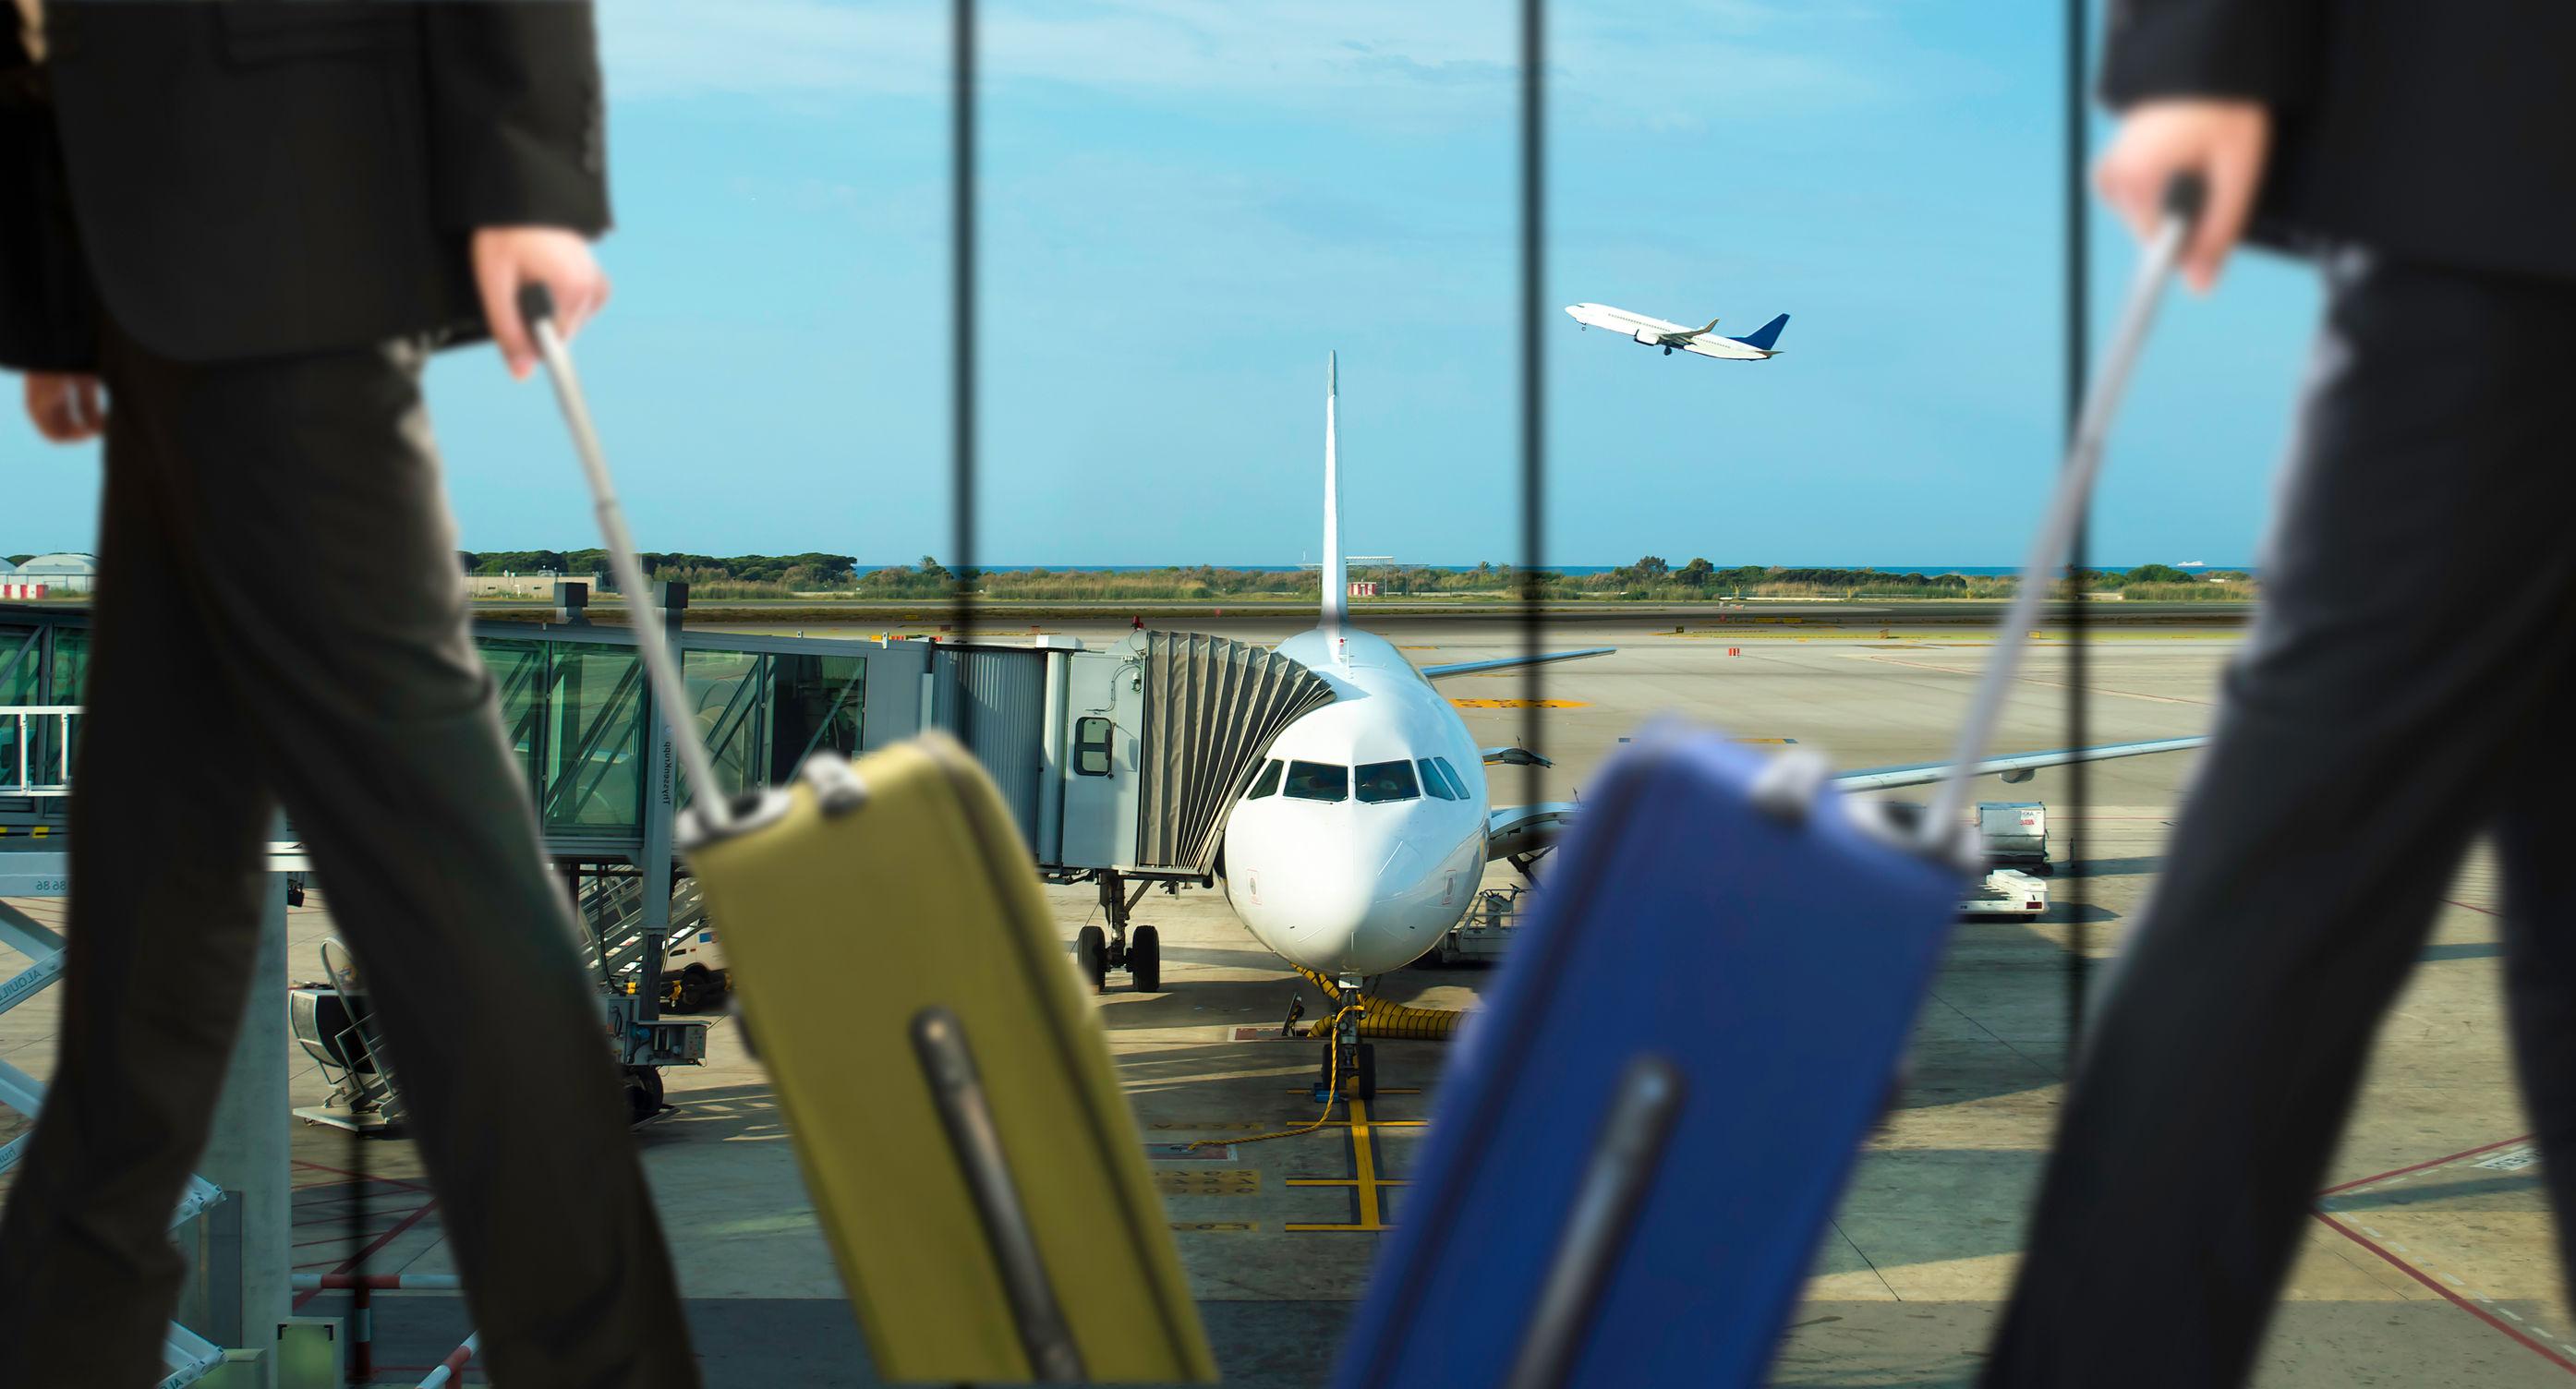 إعلان إياتا عن شروط جديدة على أحجام حقائب السفر